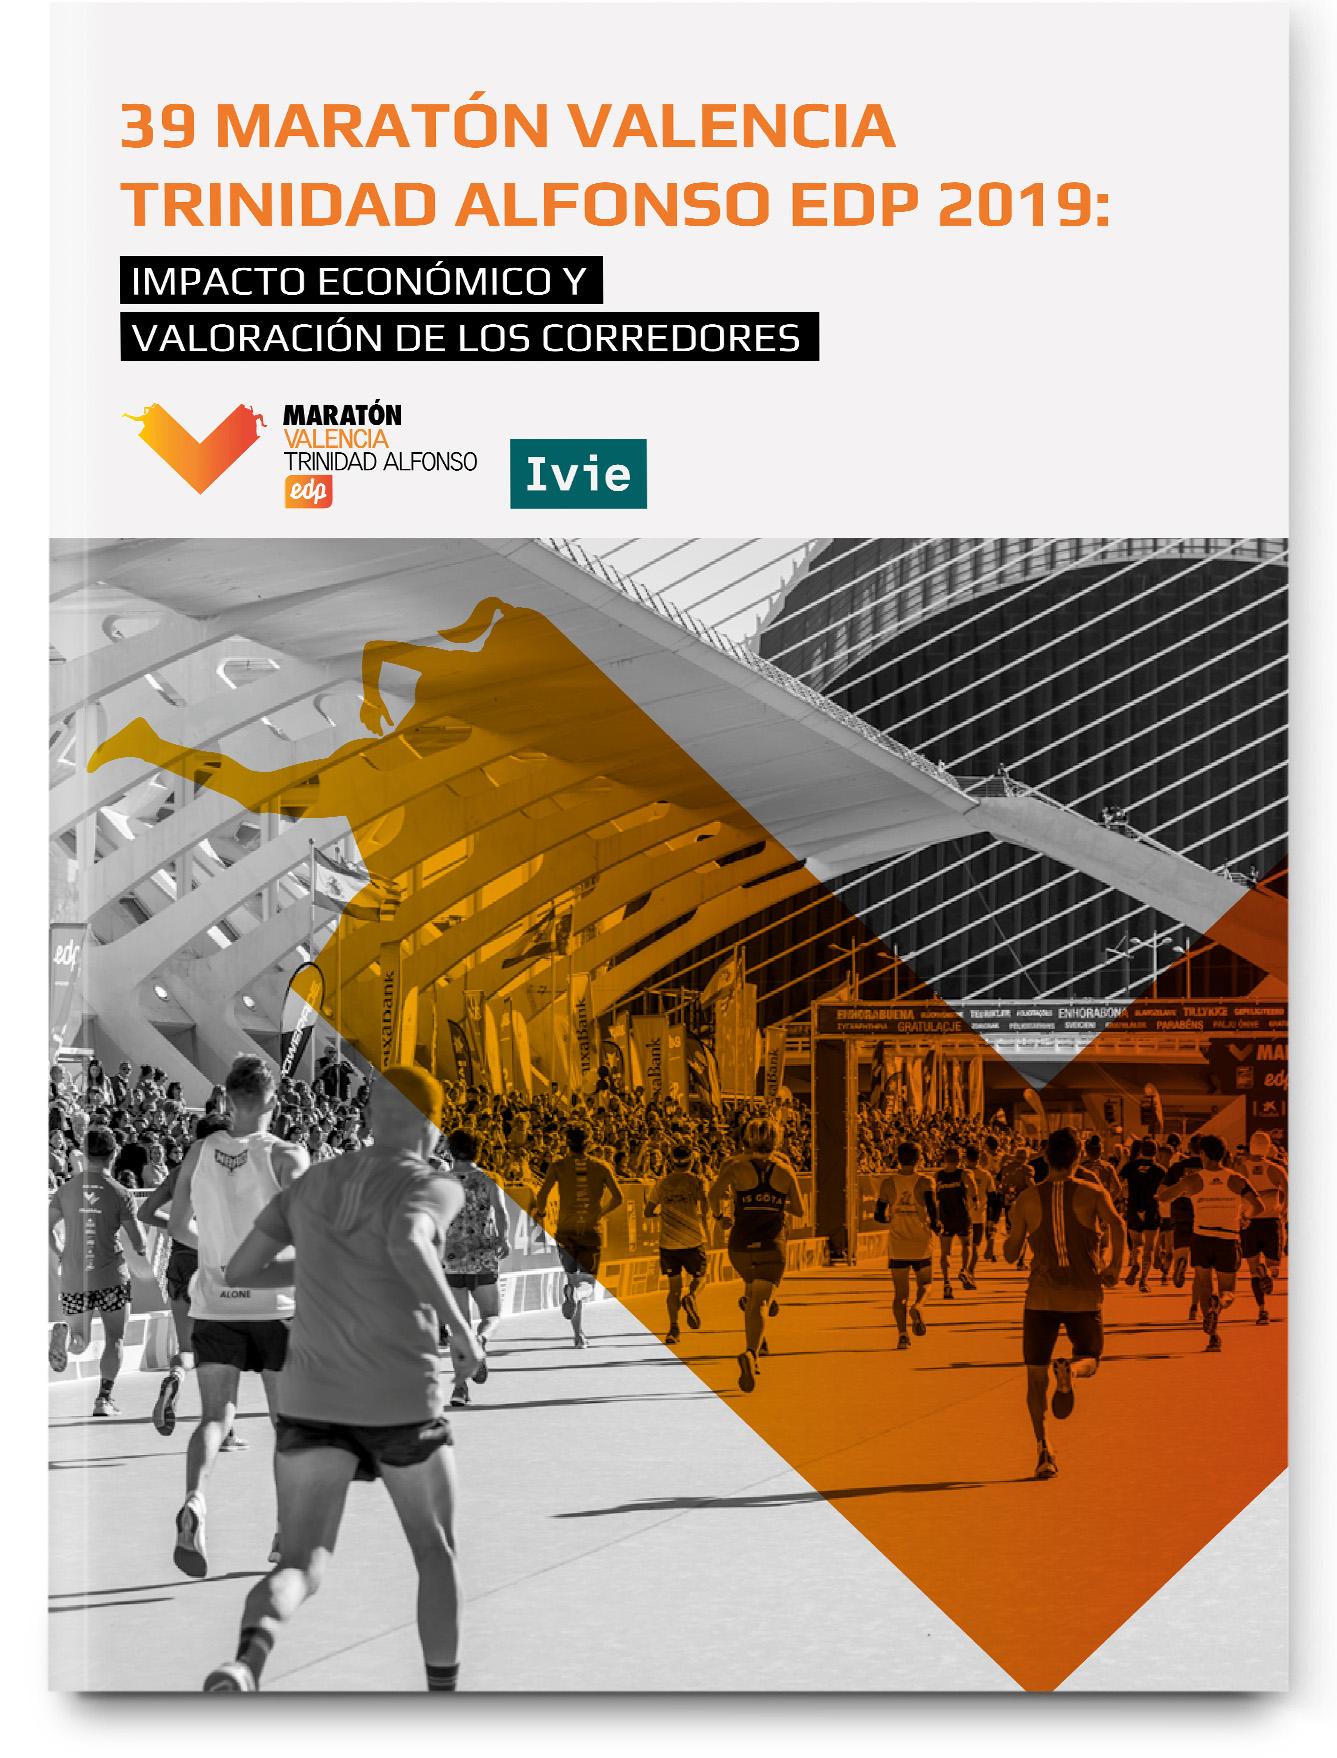 Impacto económico del 39 Maratón Trinidad Alfonso de València